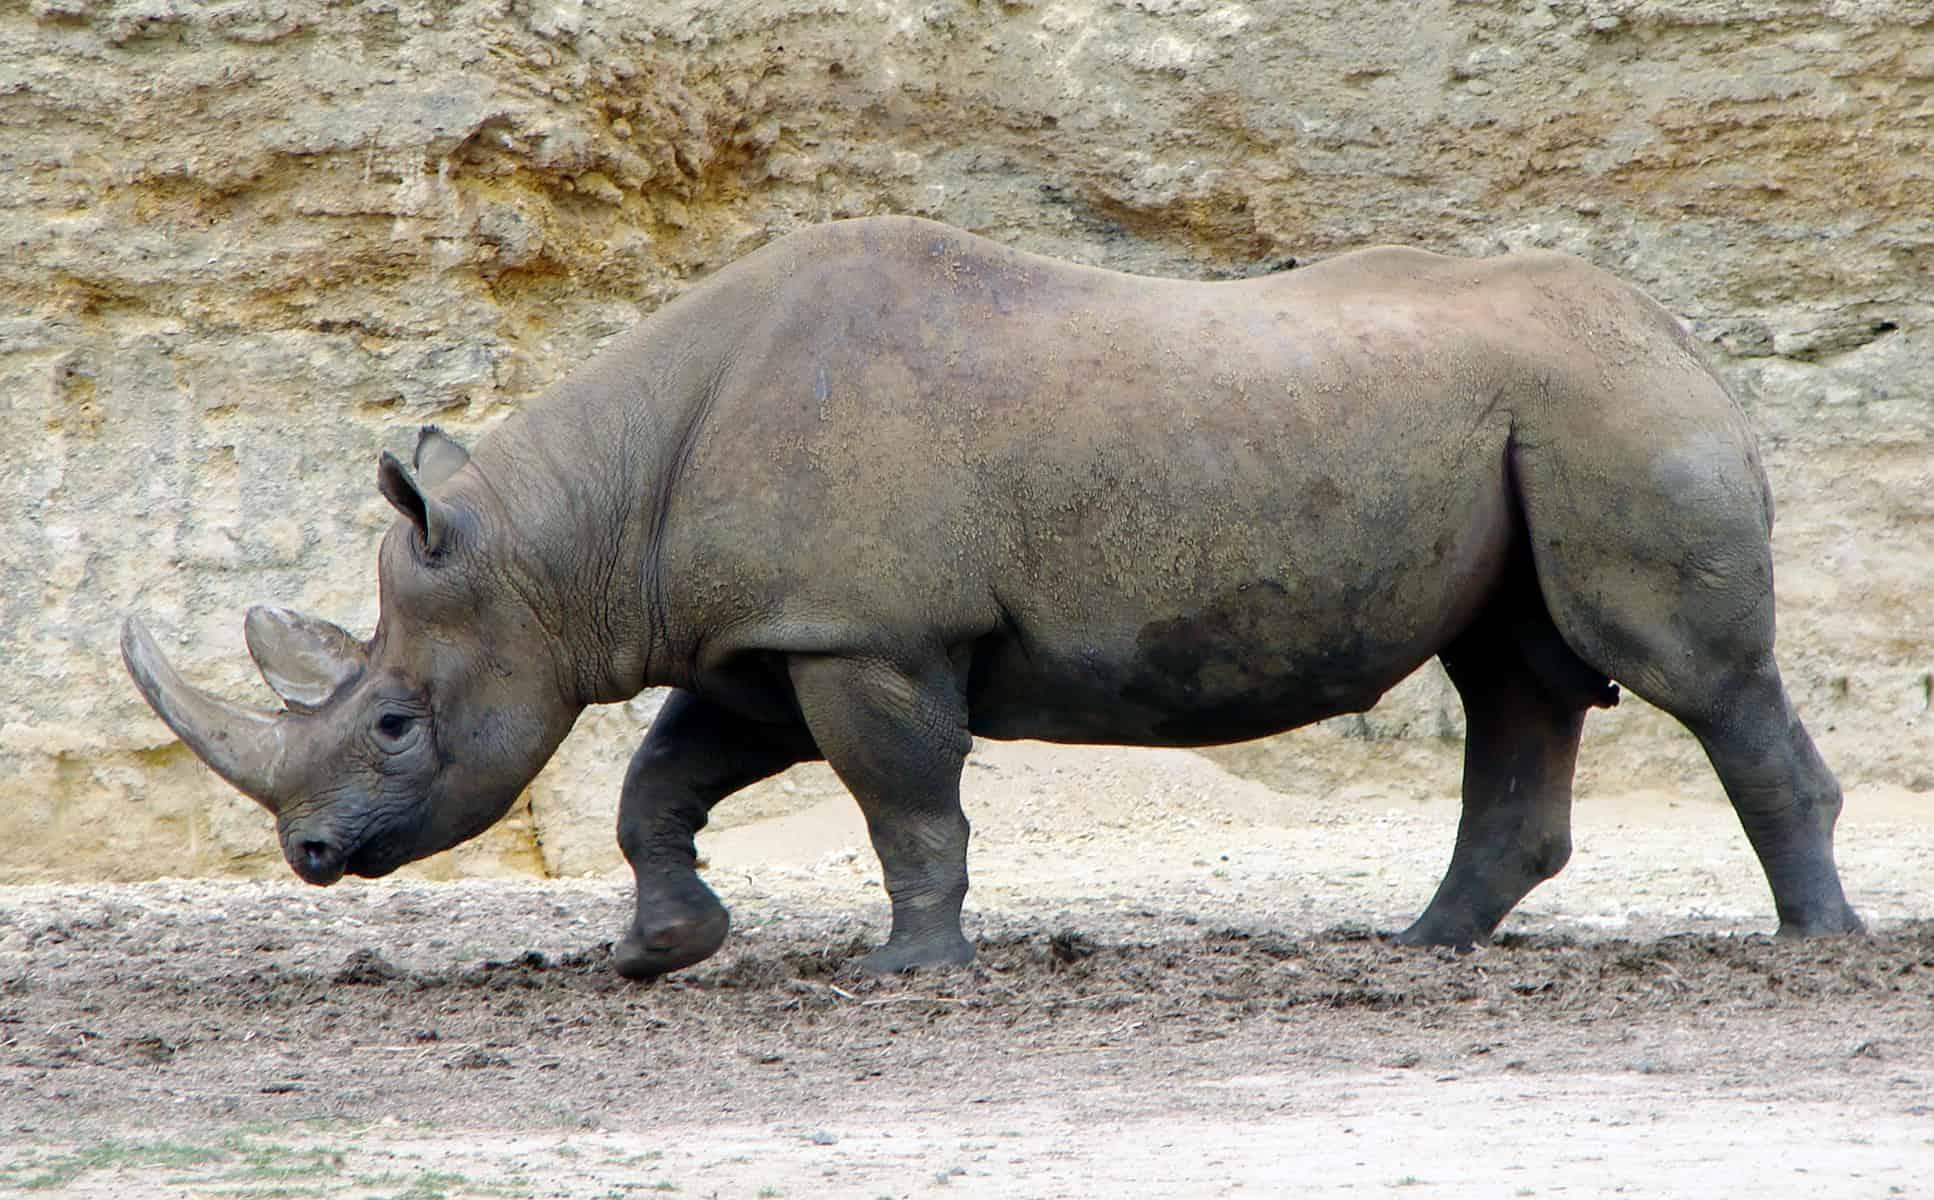 Rhinocerous on Serengeti